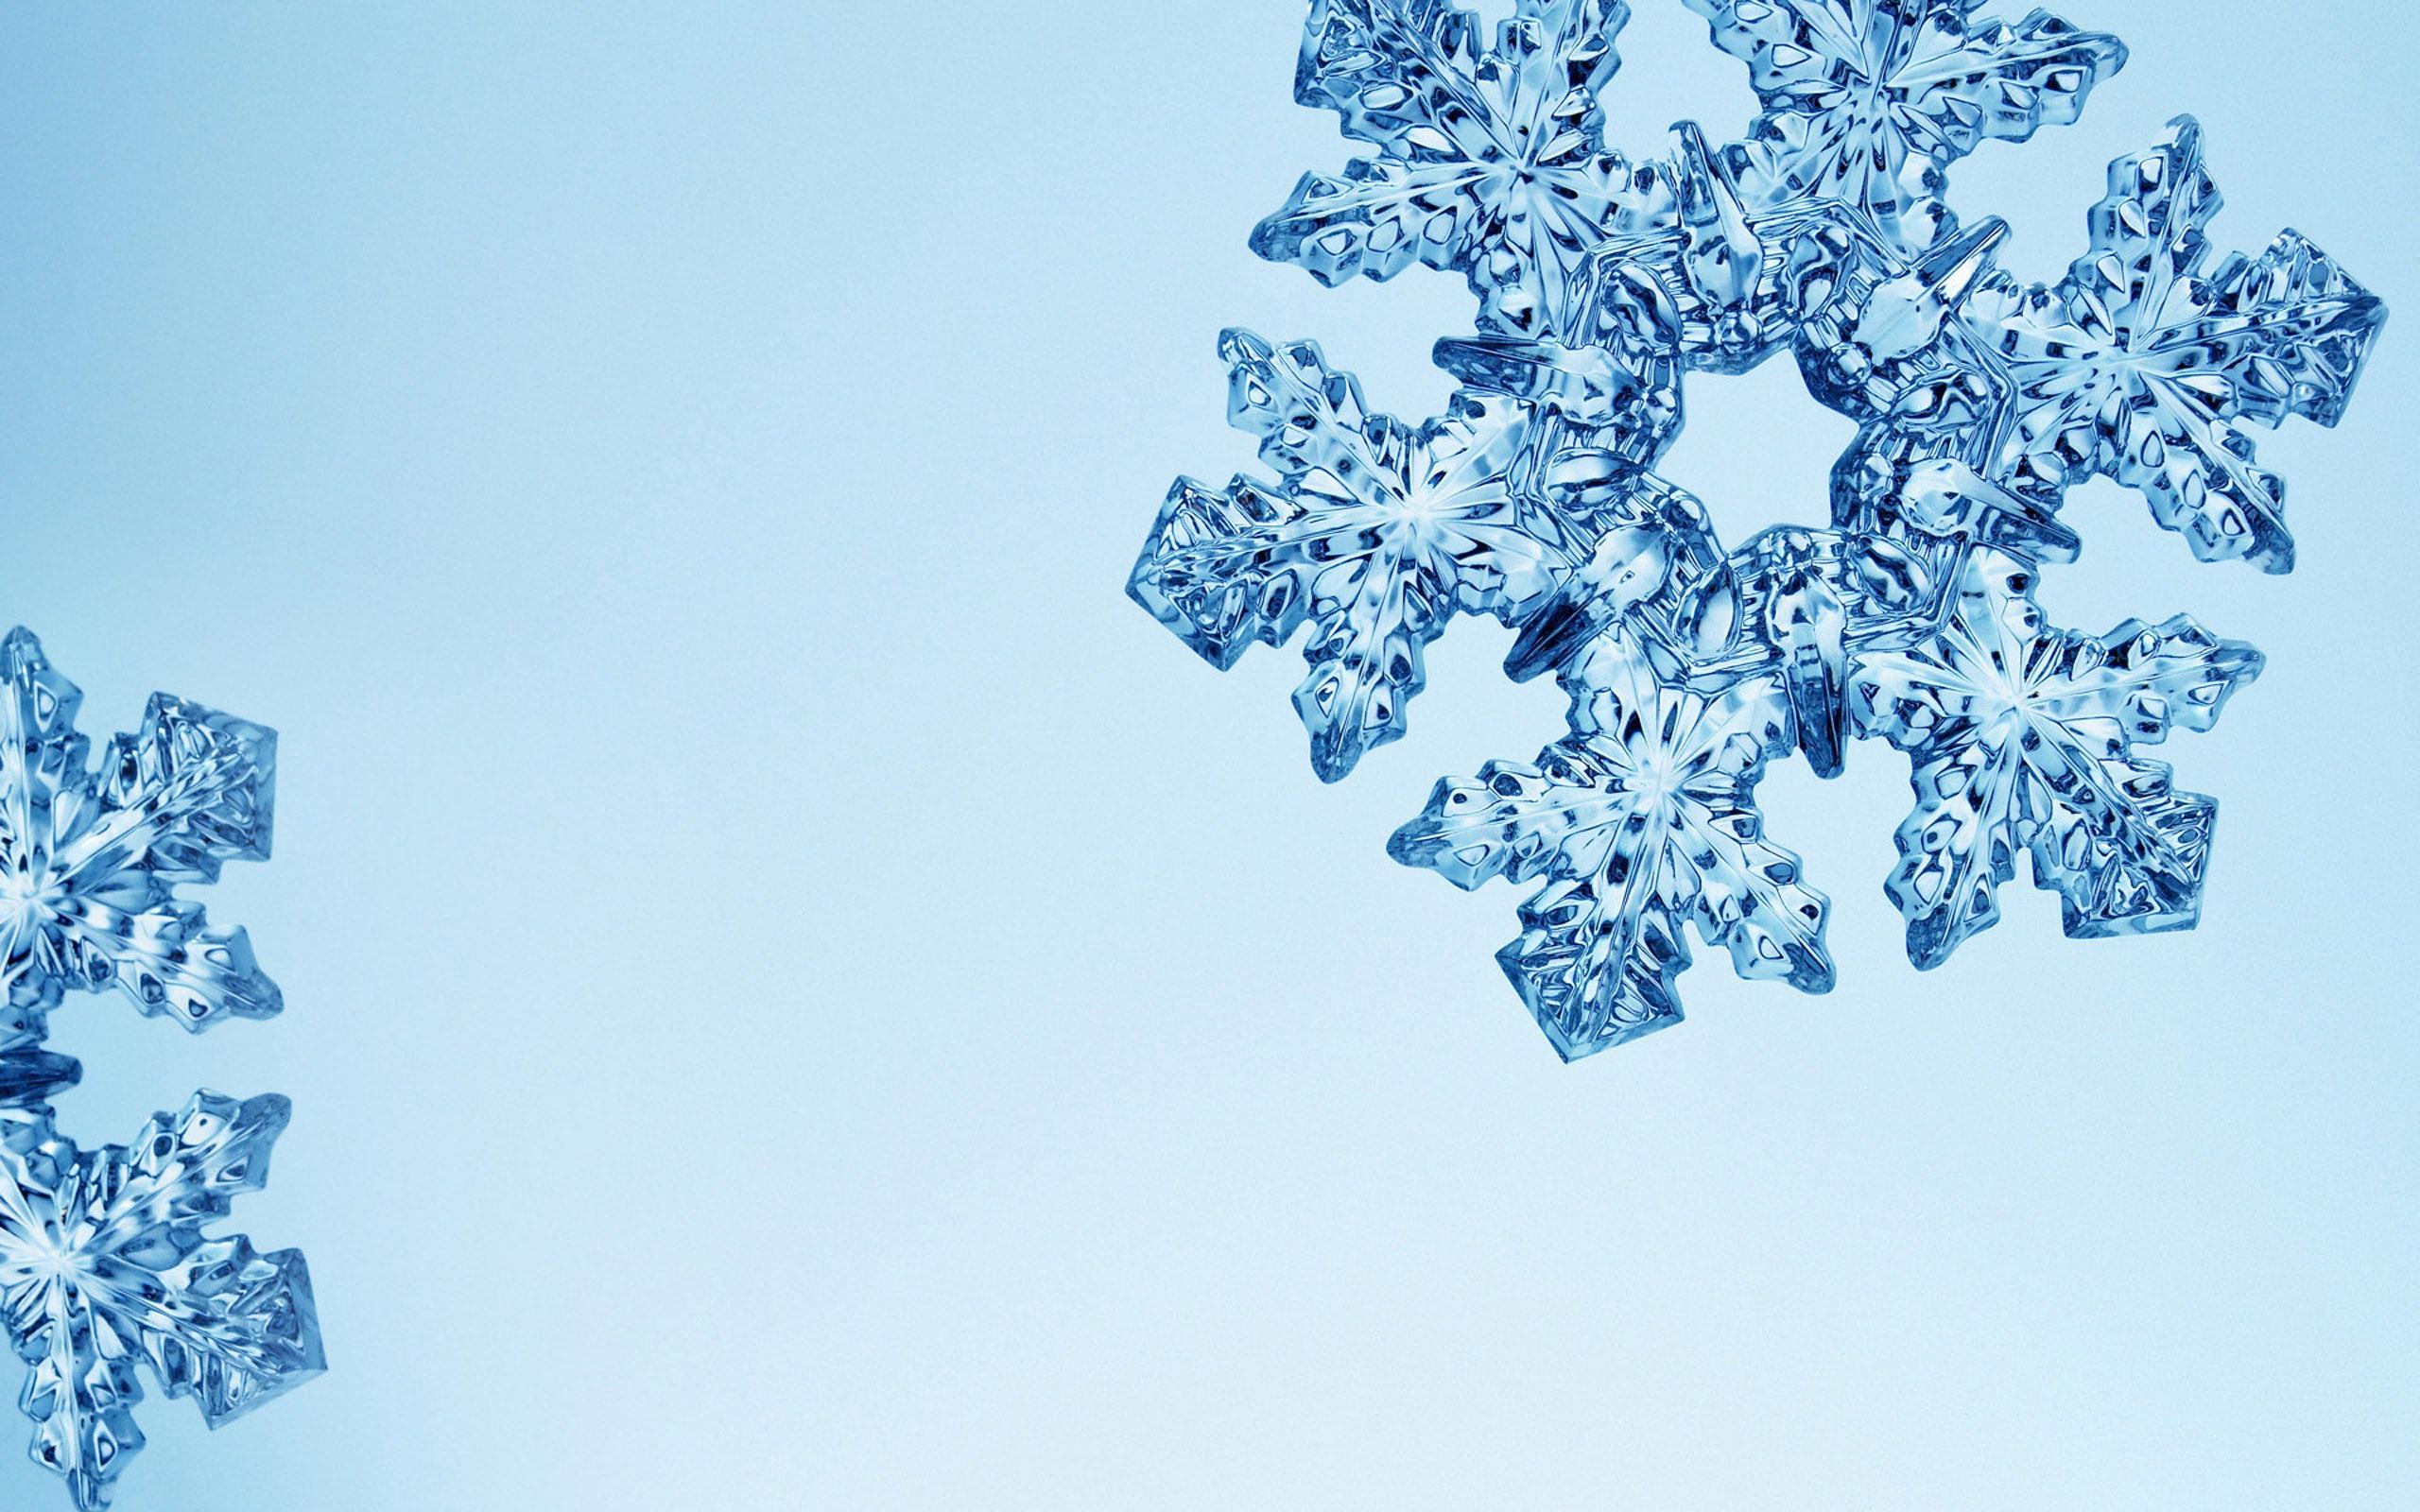 Snowflake-wallpaper-wpc9009268